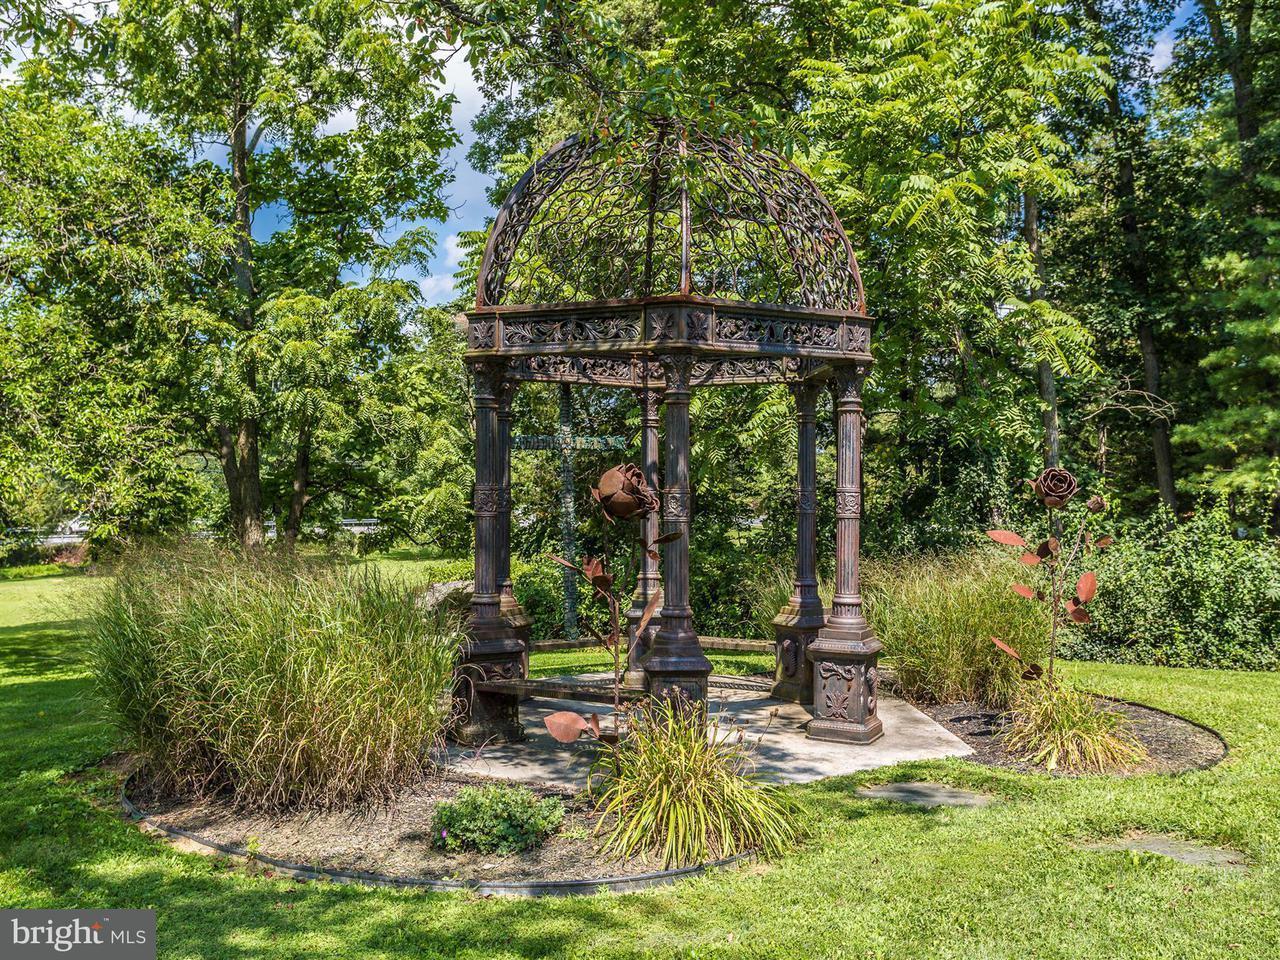 一戸建て のために 売買 アット 45 HOFFMAN Road 45 HOFFMAN Road Gettysburg, ペンシルベニア 17325 アメリカ合衆国